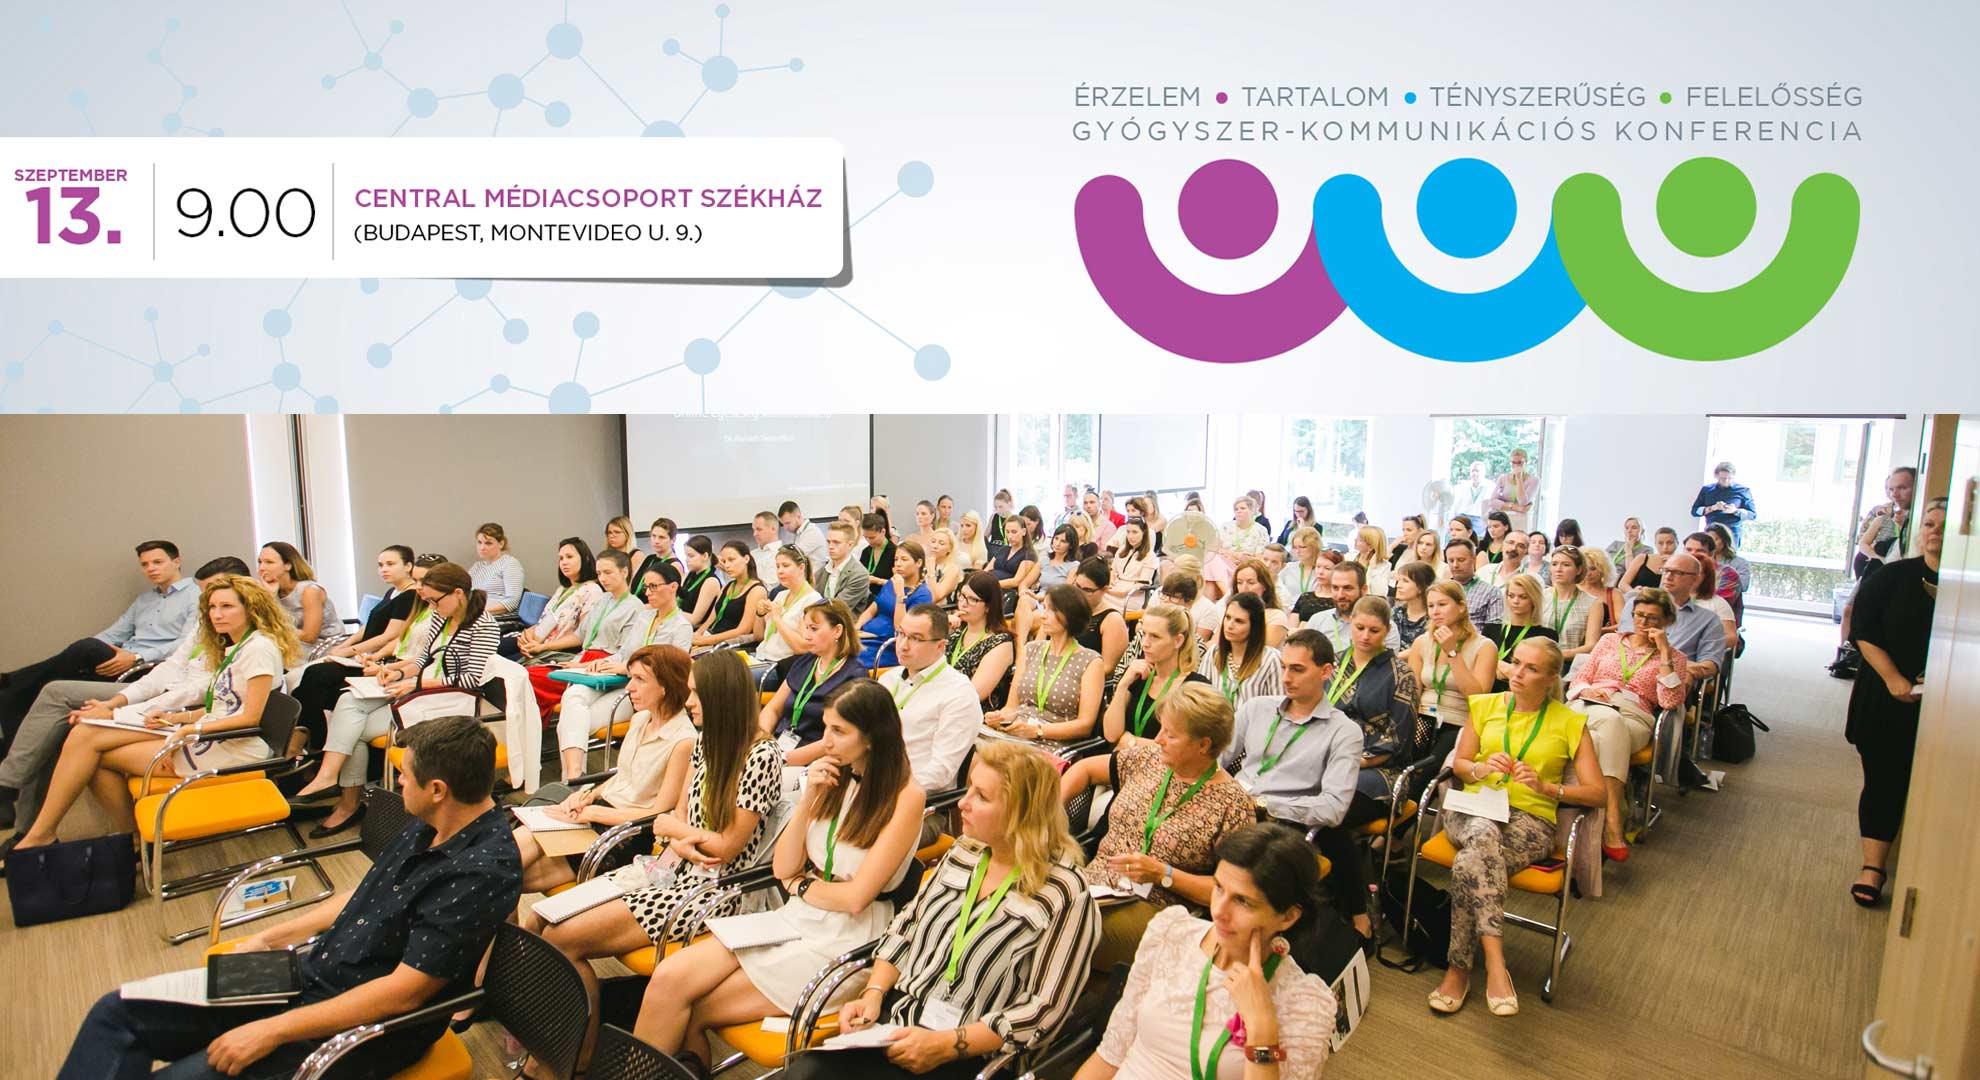 IV. Gyógyszer-kommunikációs konferencia a Central Média szervezésében